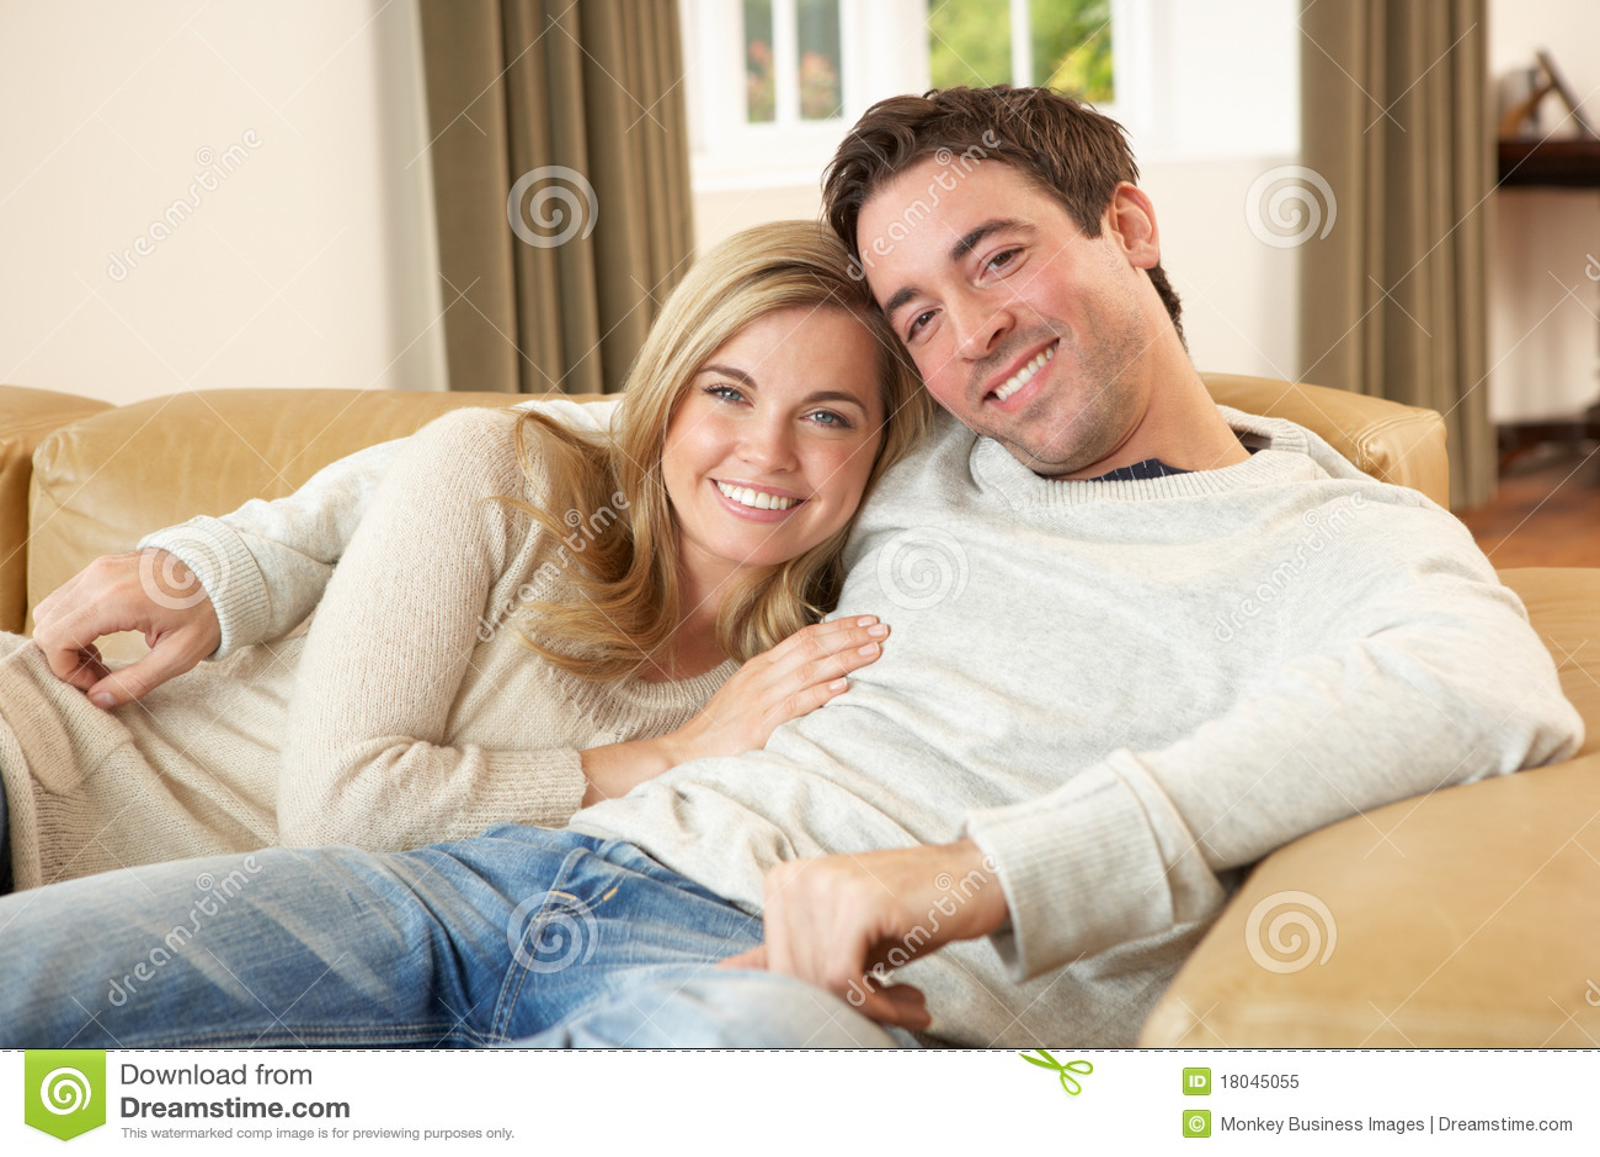 Супруги дома фото 5 фотография